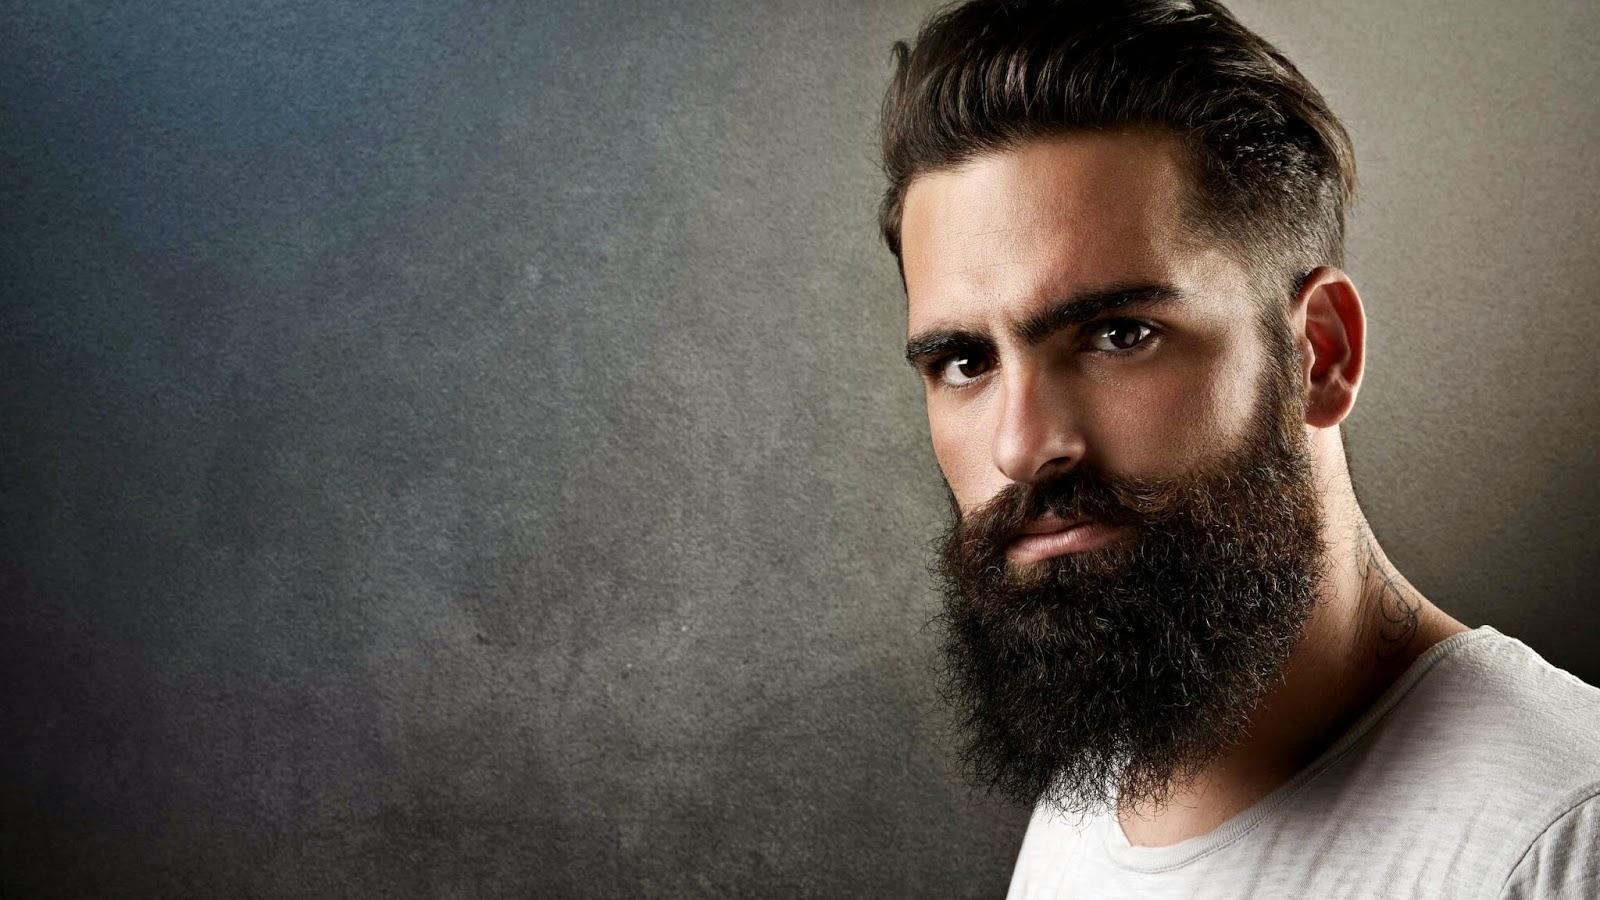 Cómo hacer crecer la barba más rápido